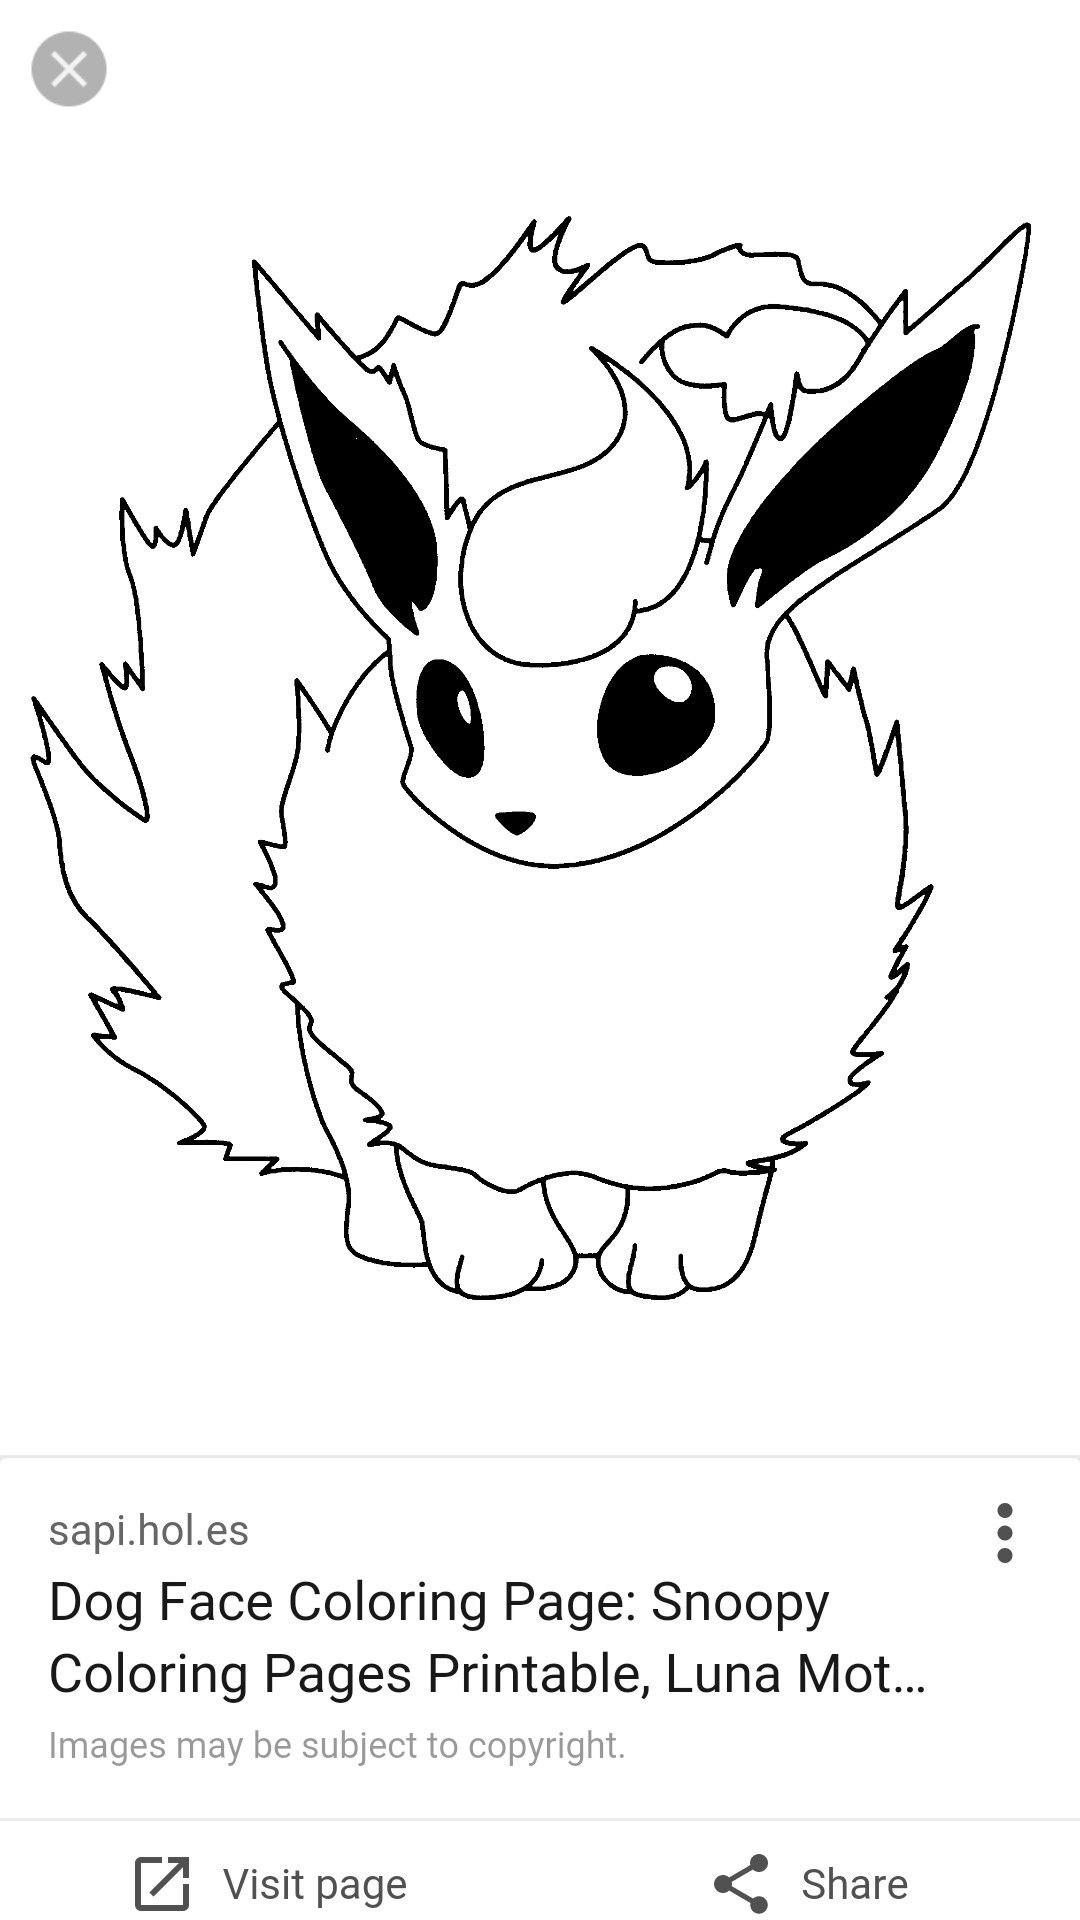 Pokemon Bilder Zum Ausdrucken In Farbe Frisch Malvorlagen Igel Frisch Igel Grundschule 0d Archives Uploadertalk Stock